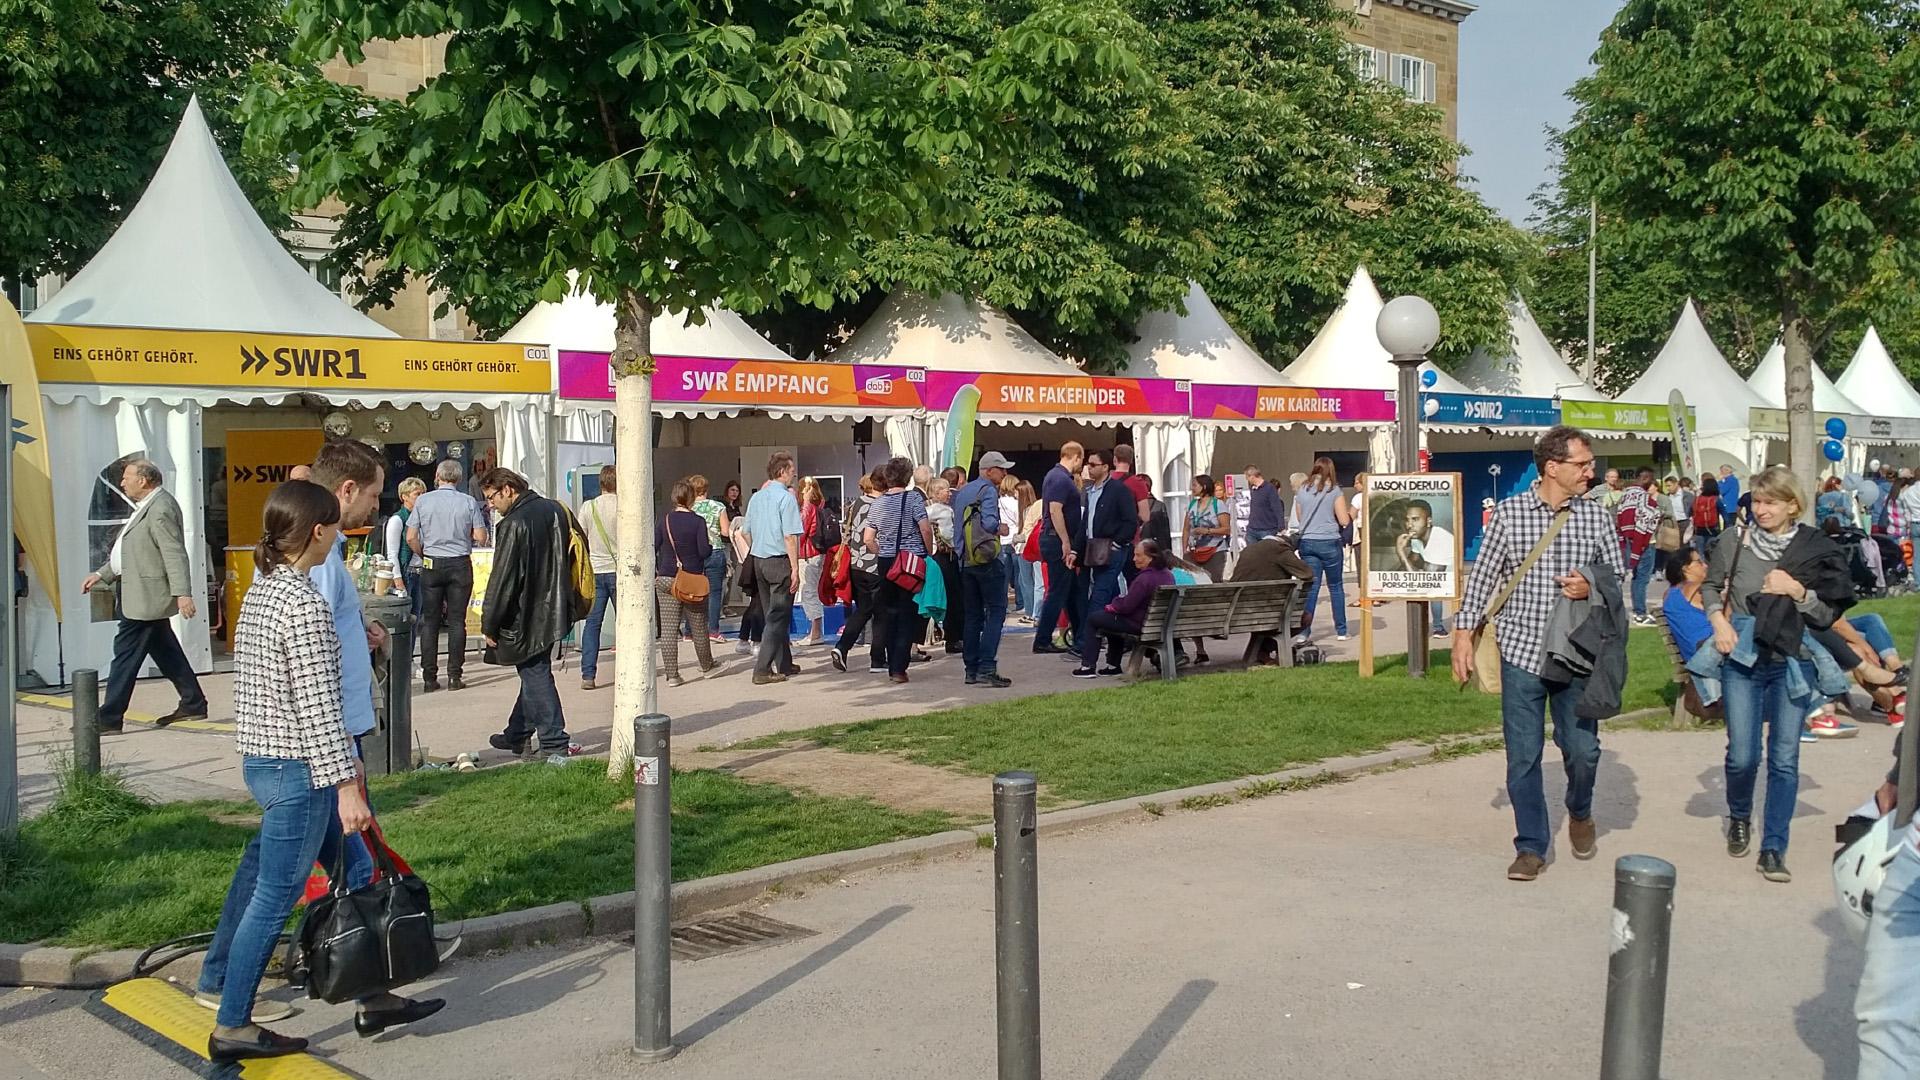 Pavillons am Schlossplatz für das Sommerfestival des SWR